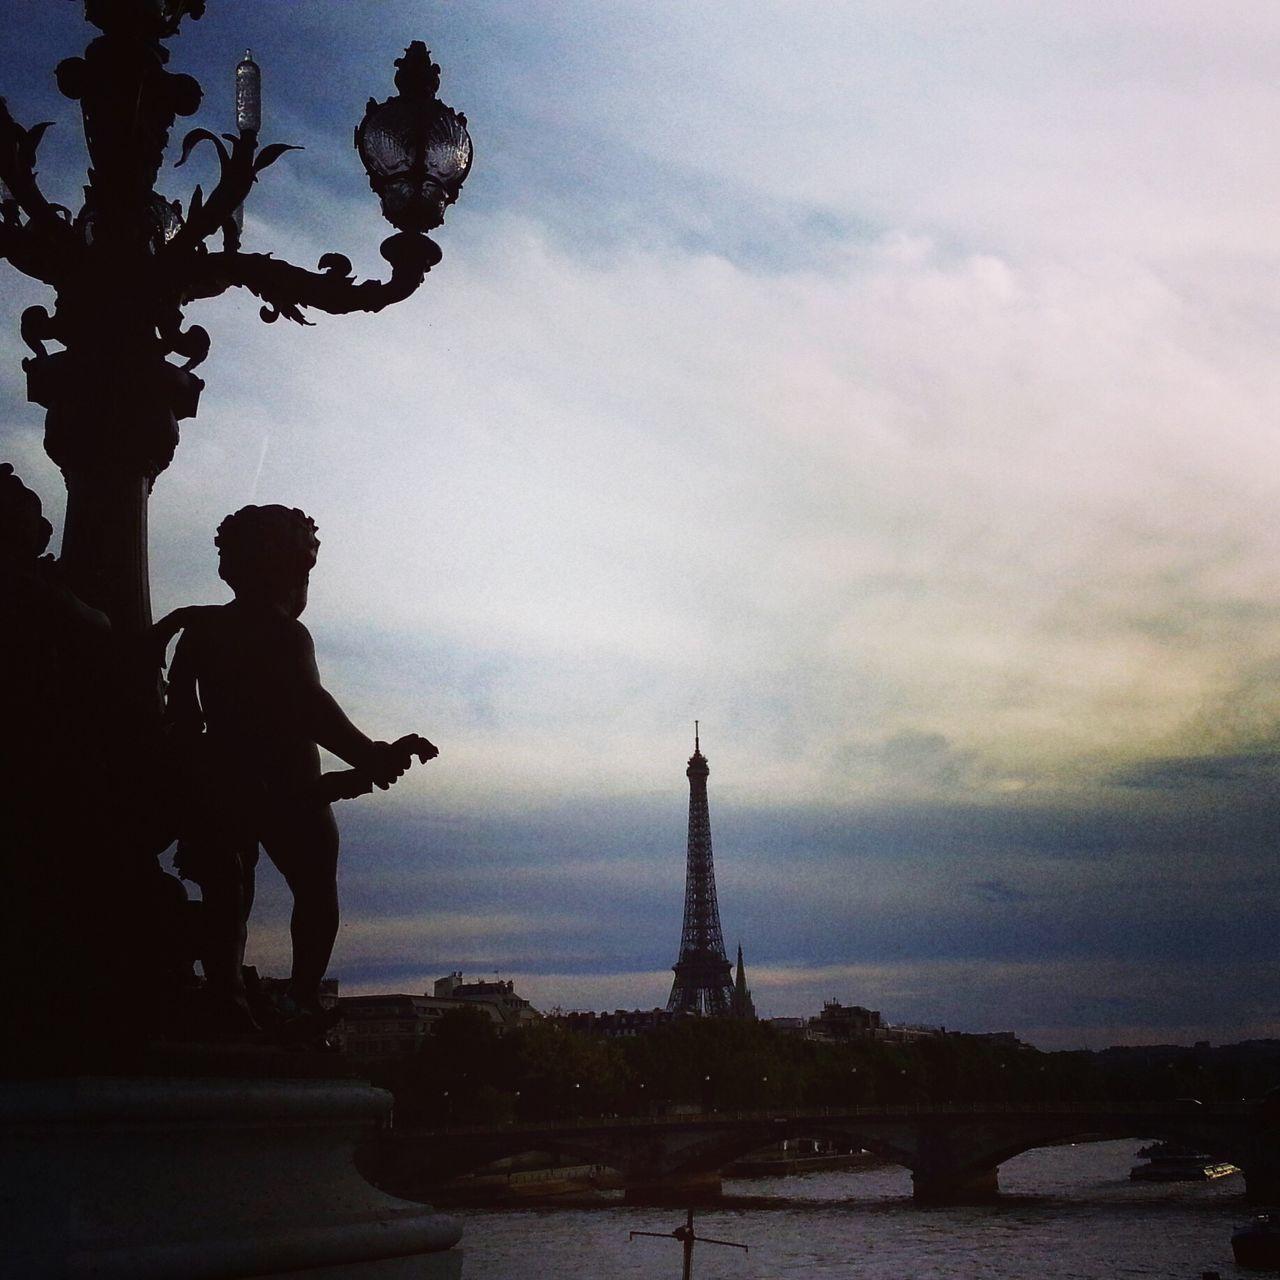 Paris Paris, France  France Tour Eiffel Toureiffel Eiffel Tower Eiffeltower Laseine River Riverside ParisByNight Sky Bridge PontAlexanderIII Pontalexandreiii Love French Parisian Cliché ParisianLifestyle Parisian Chic Paris Je T Aime